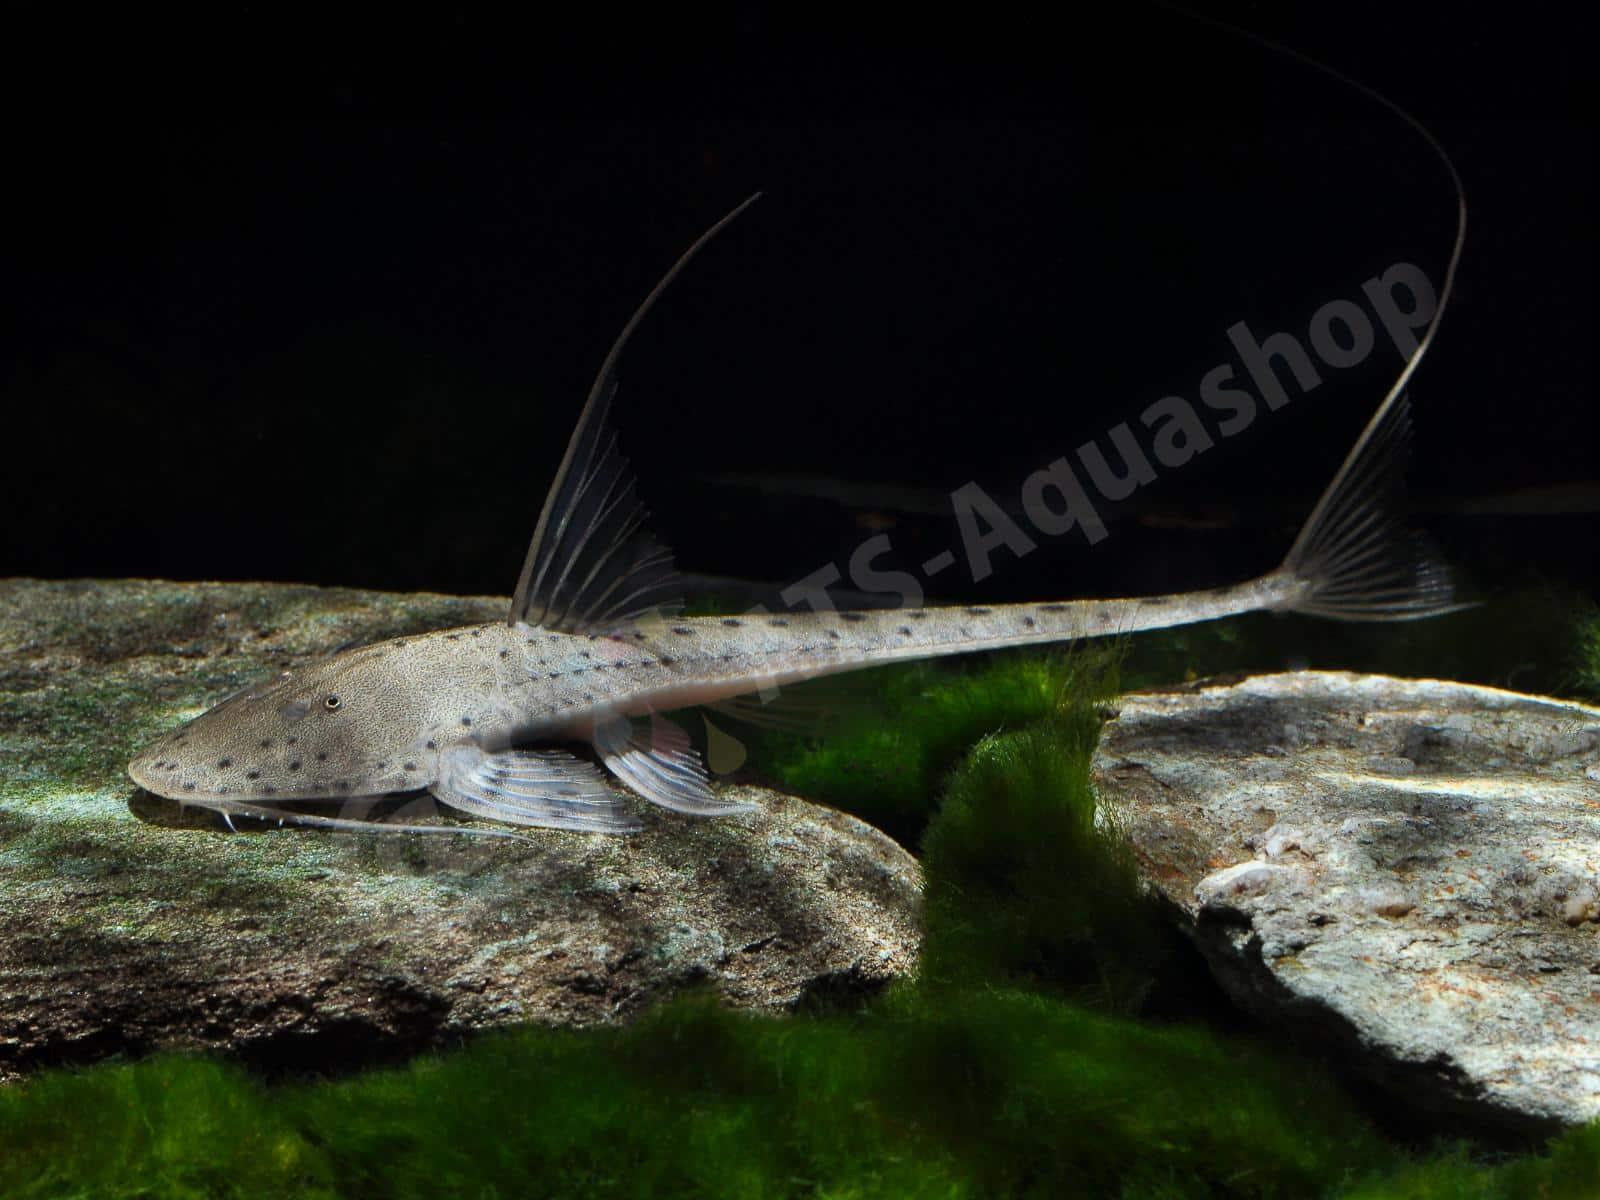 planiloricaria cryptodon enrico richter 0074 6